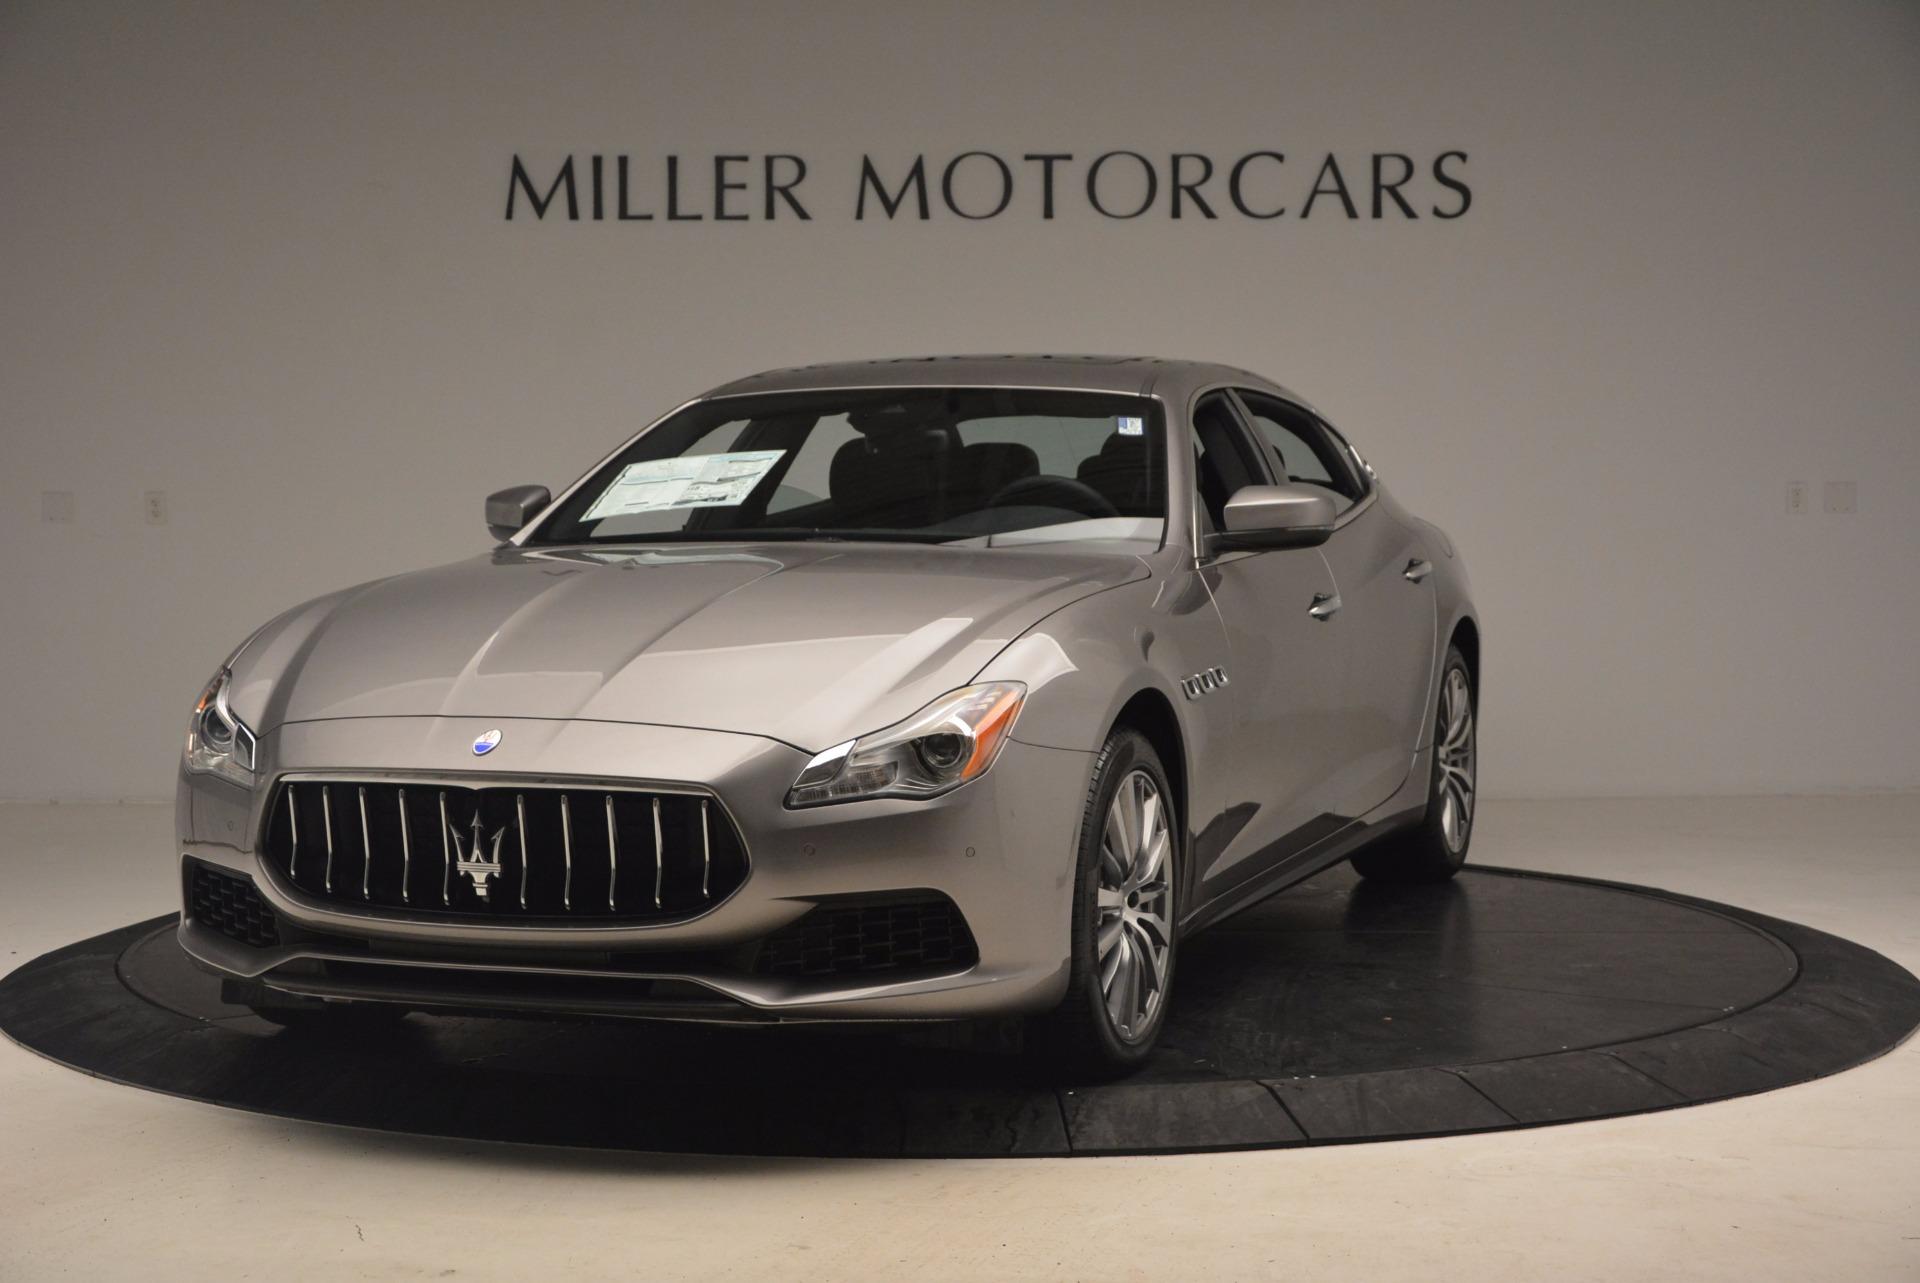 New 2017 Maserati Quattroporte SQ4 For Sale In Greenwich, CT 1090_main